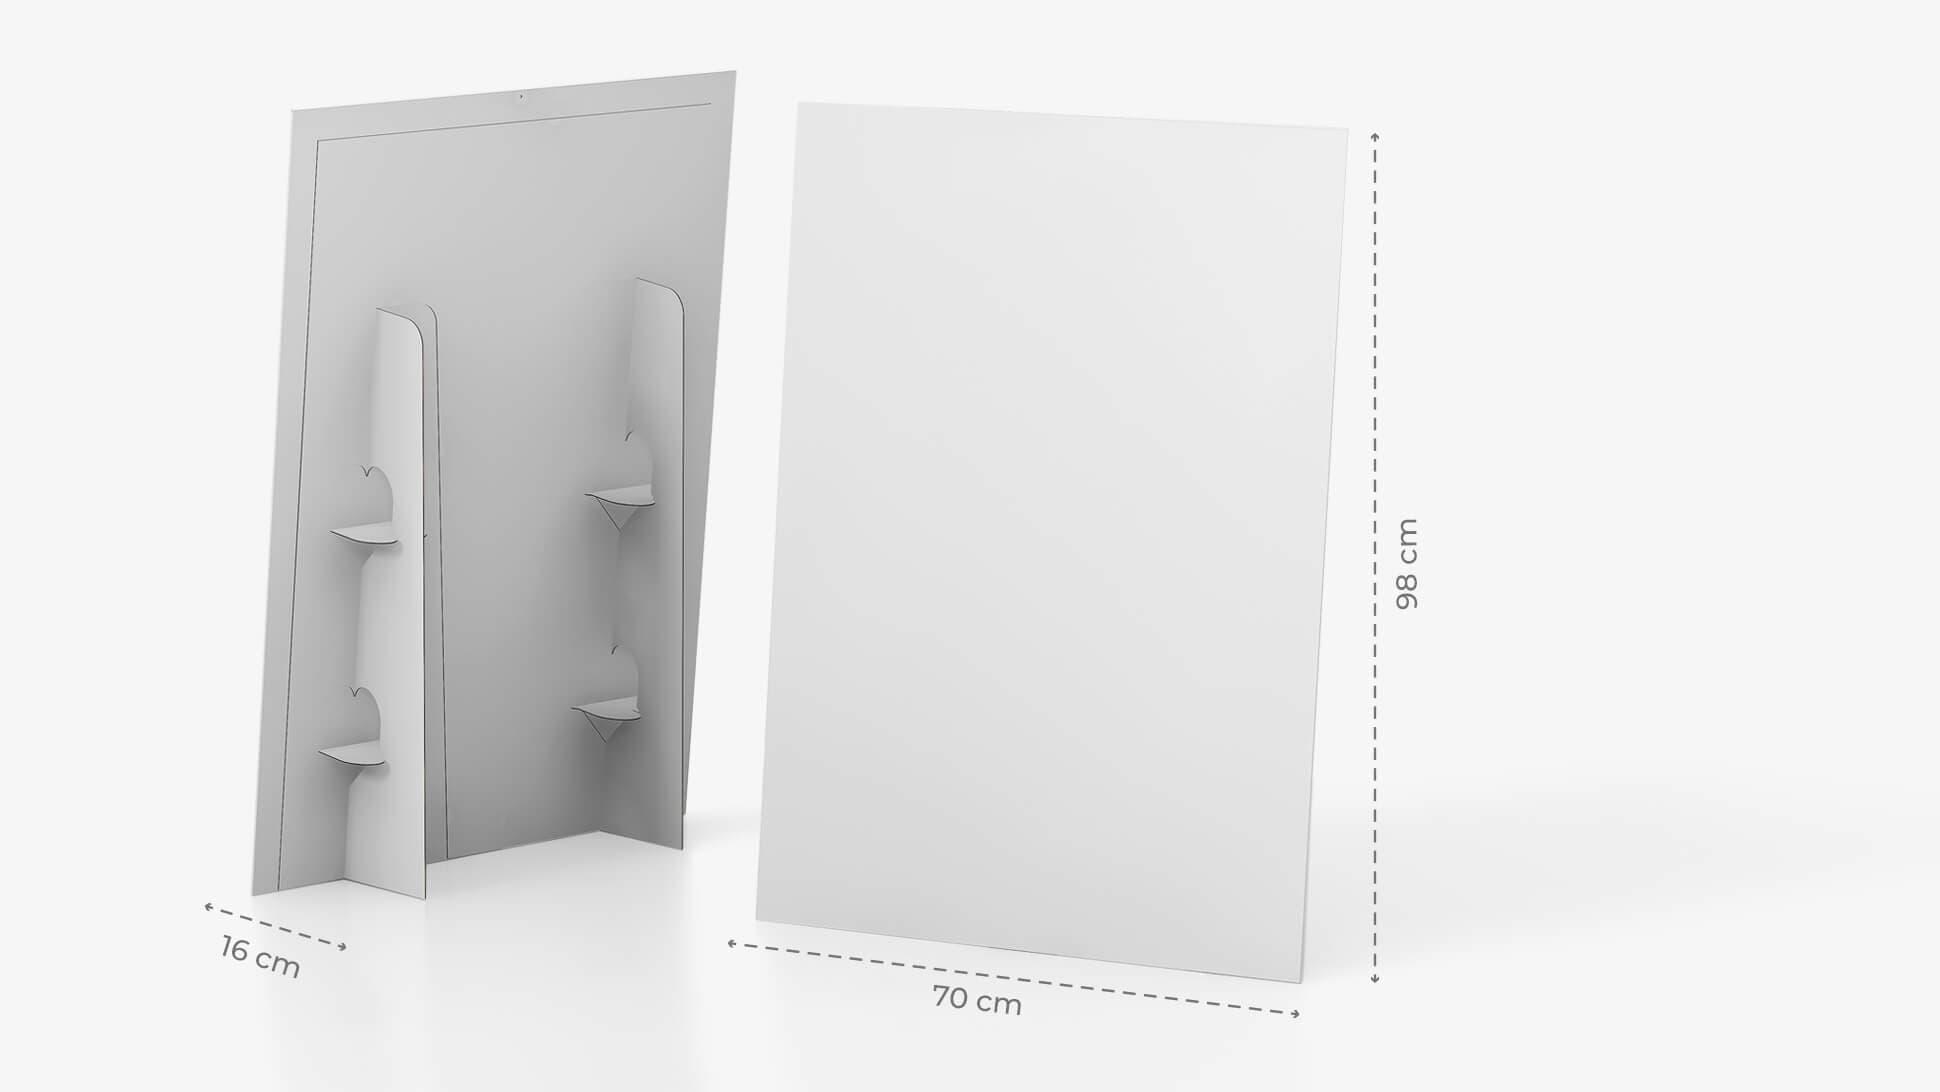 Display monofacciale orizzontale 21x29,7 cm con grafica personalizzata | tictac.it